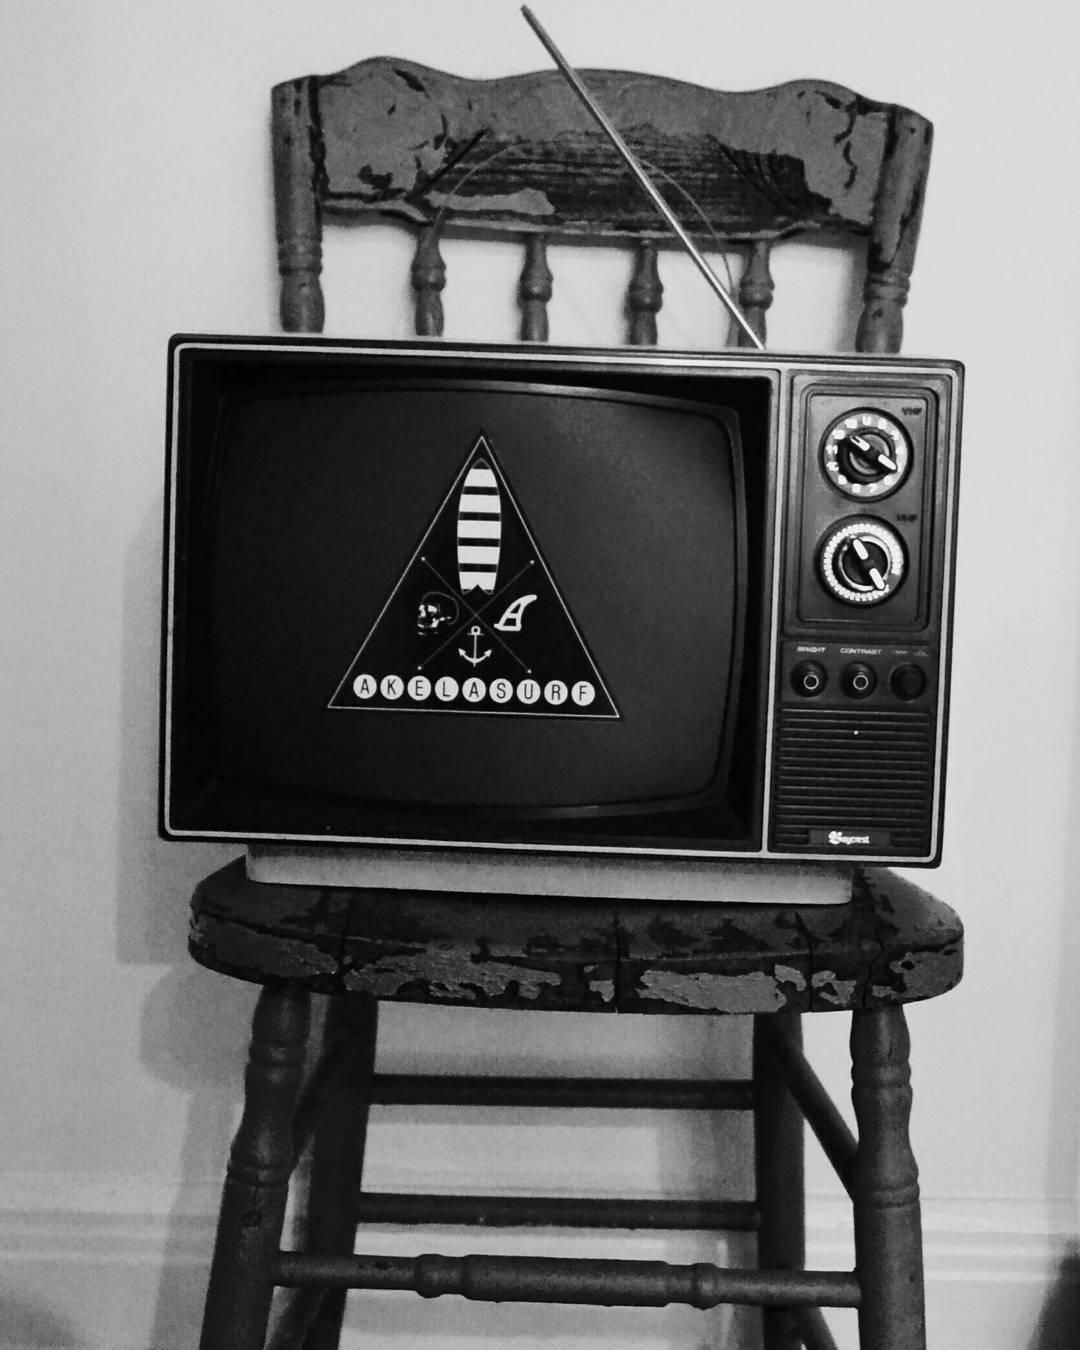 #akelasurf TV